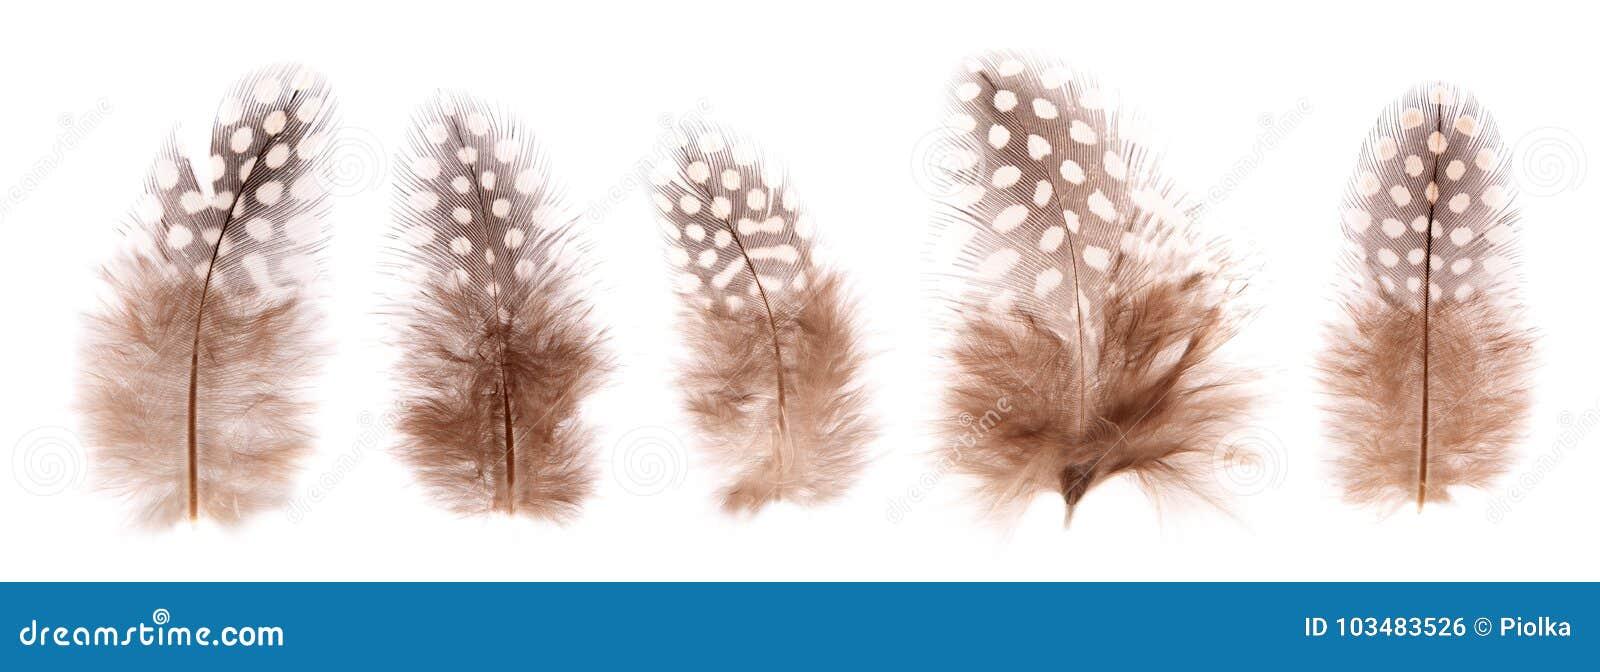 Grupo de penas de pássaro pequenas frágeis bonitas isoladas